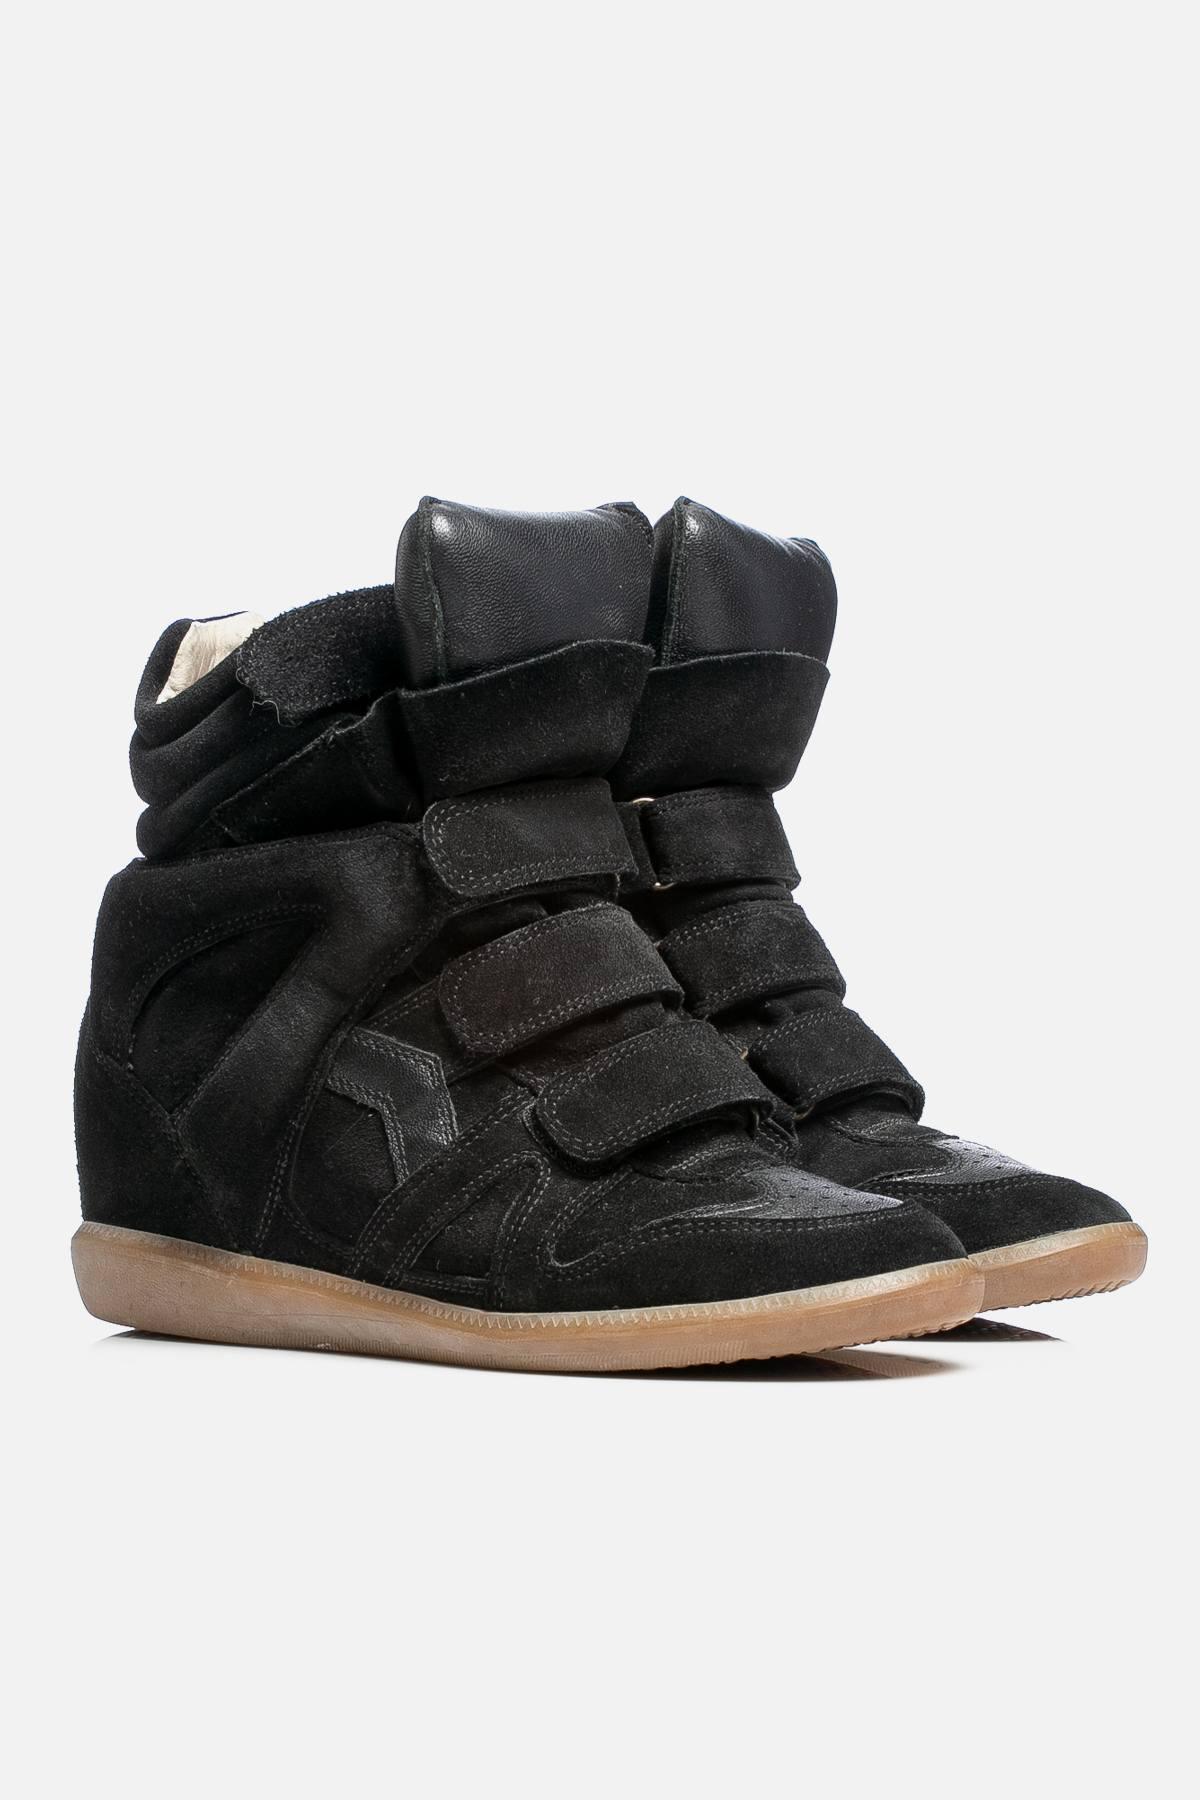 Bekett Wedge Sneakers